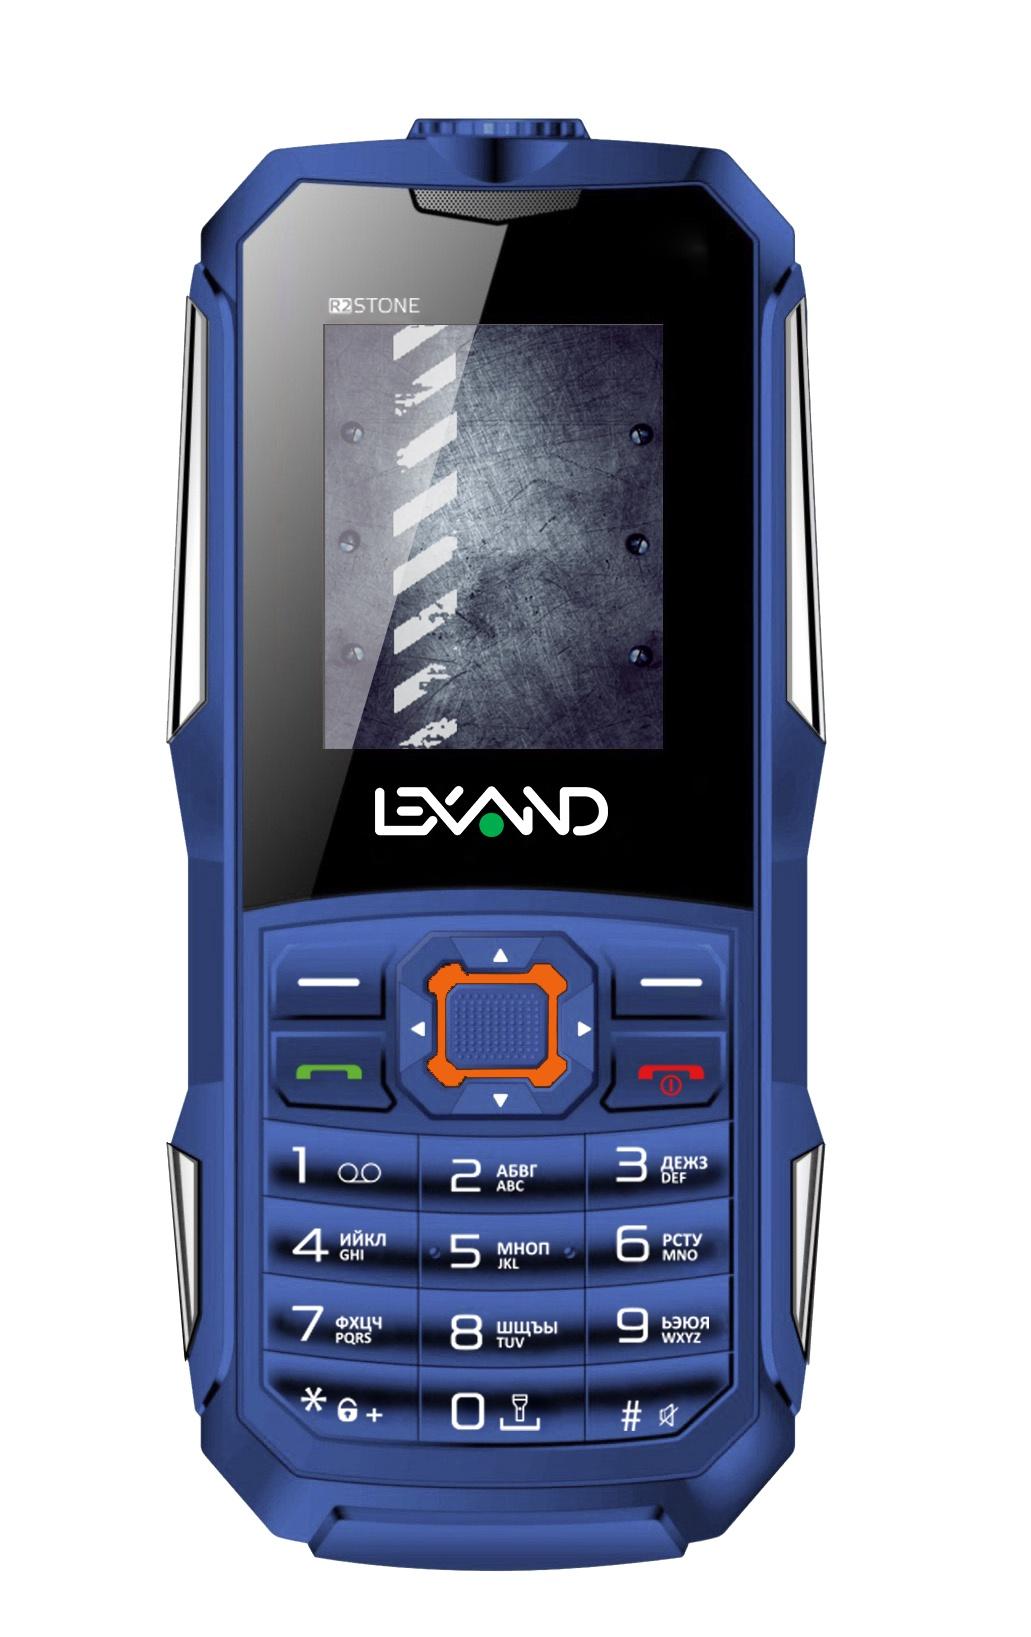 Мобильный телефон Lexand R2 Stone, синий